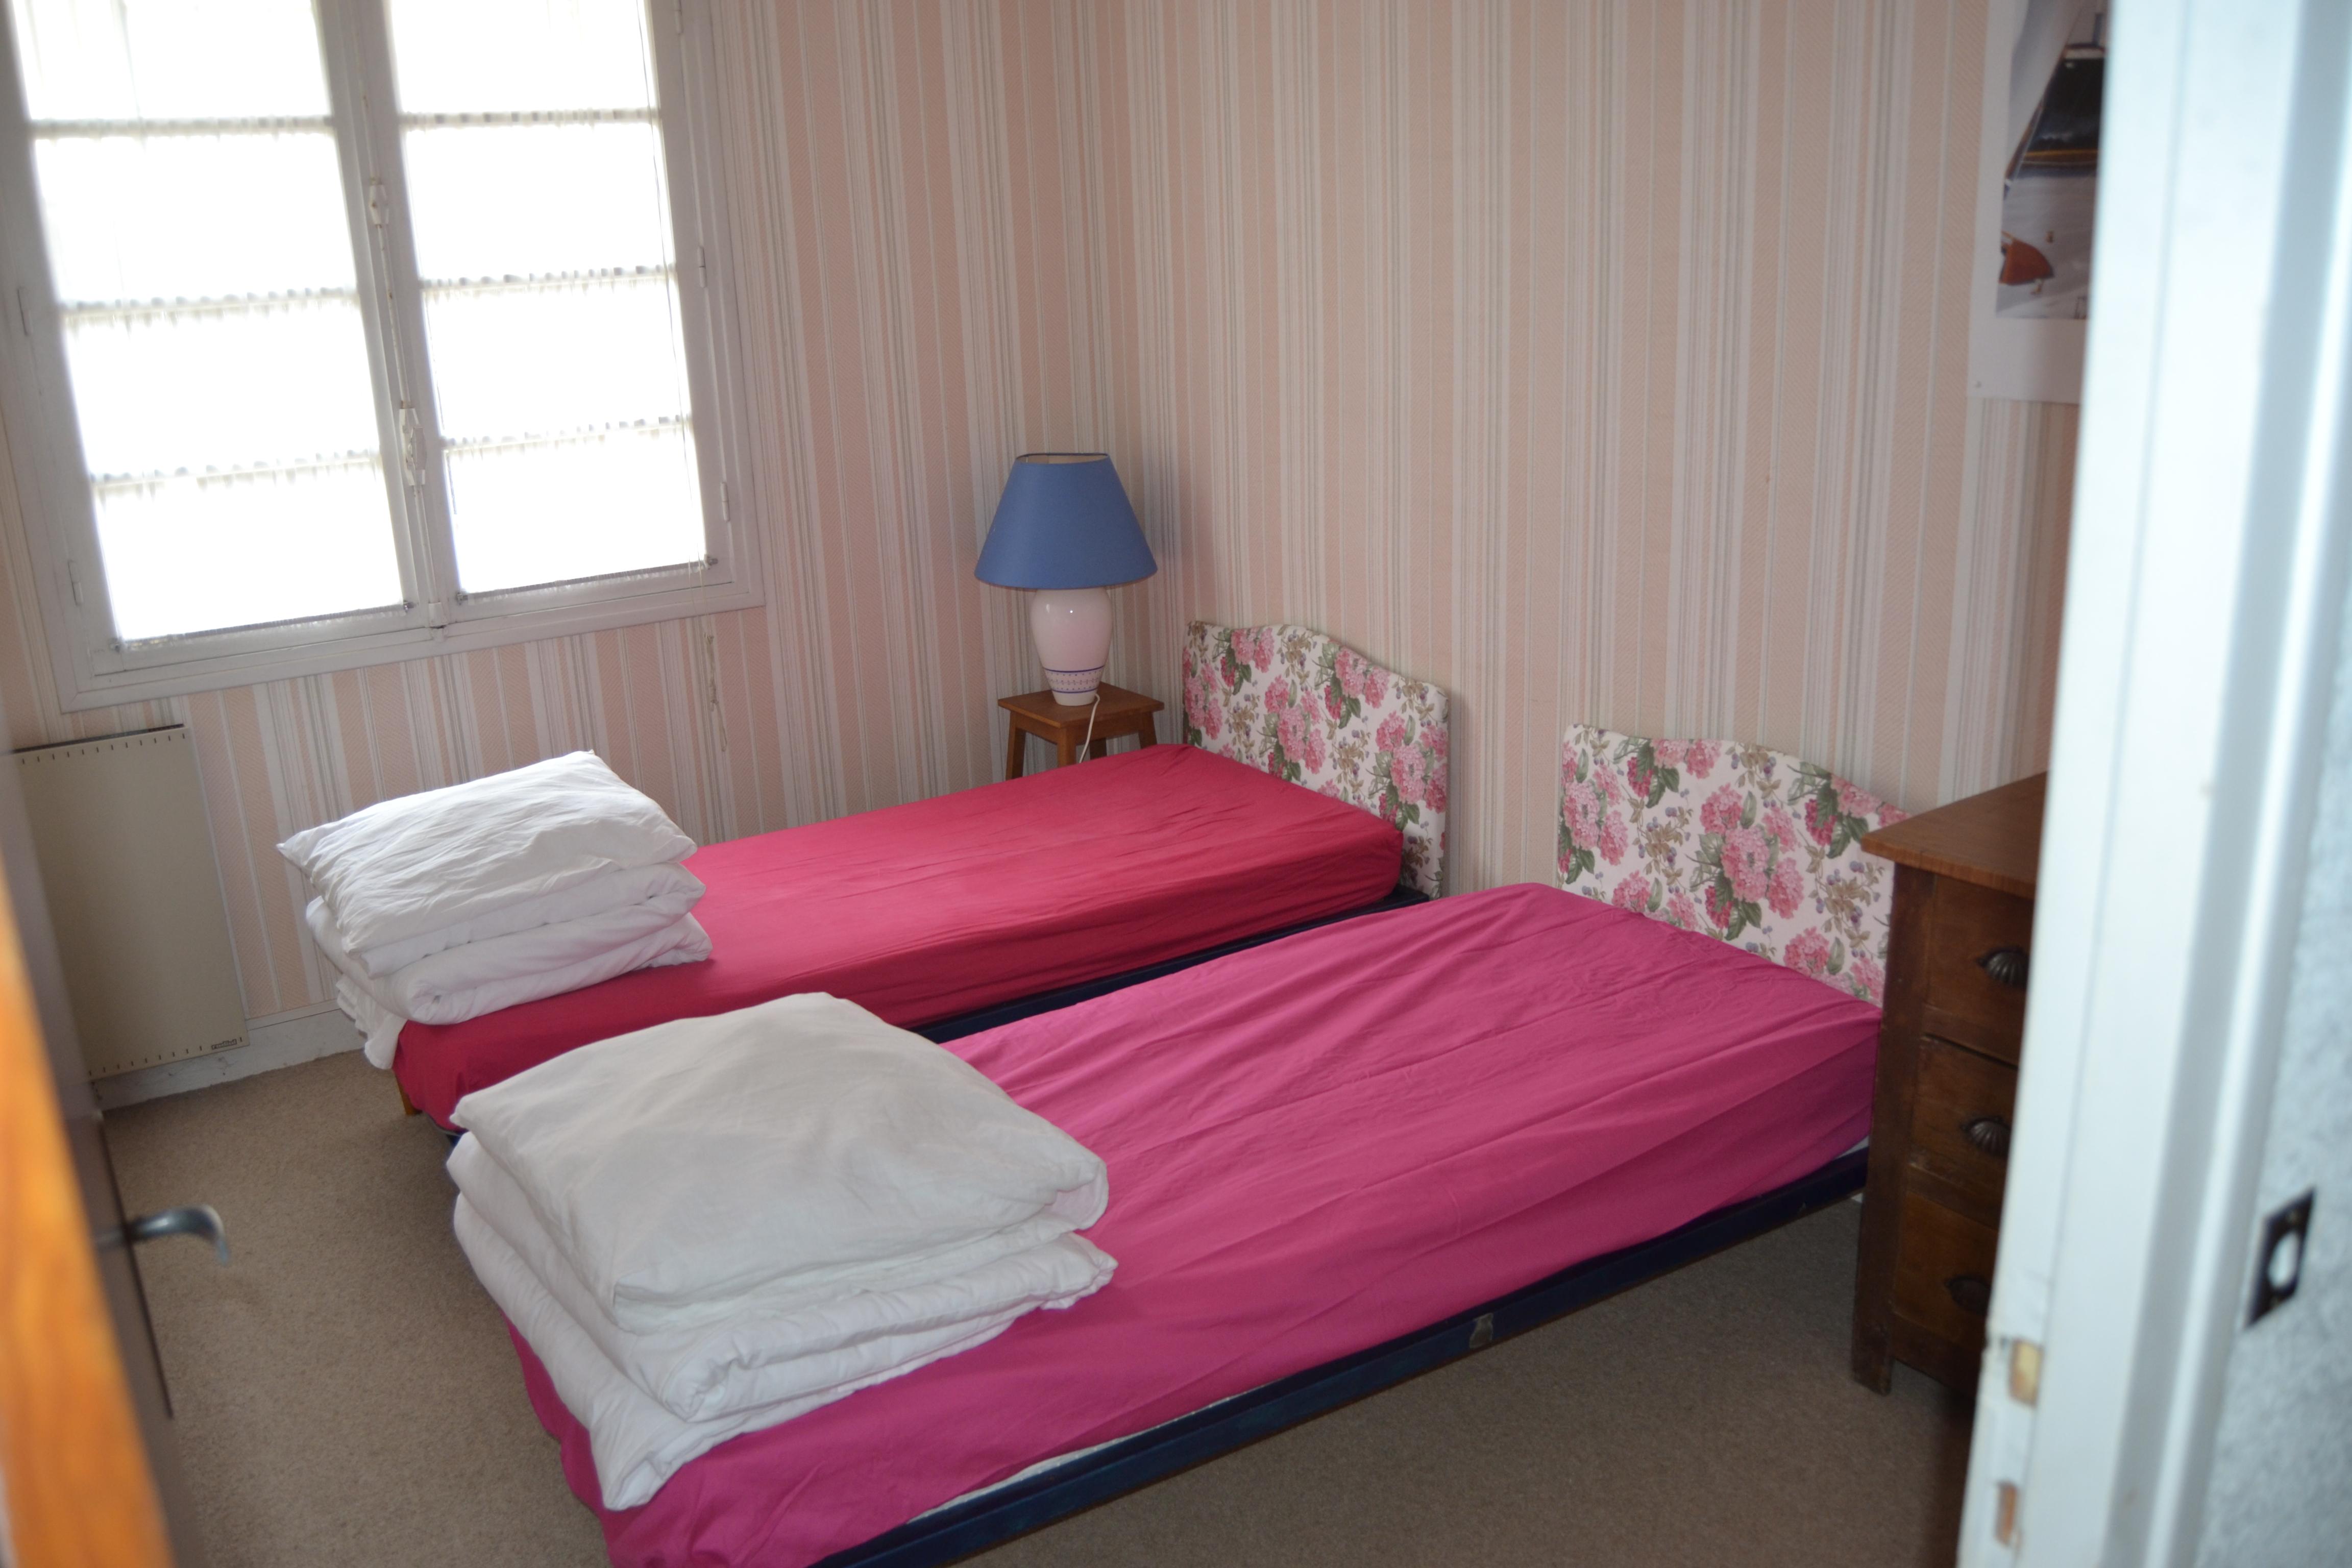 chambre avec lits jumeaux et lit parc pour b b location saisonniere normandie proche mer. Black Bedroom Furniture Sets. Home Design Ideas